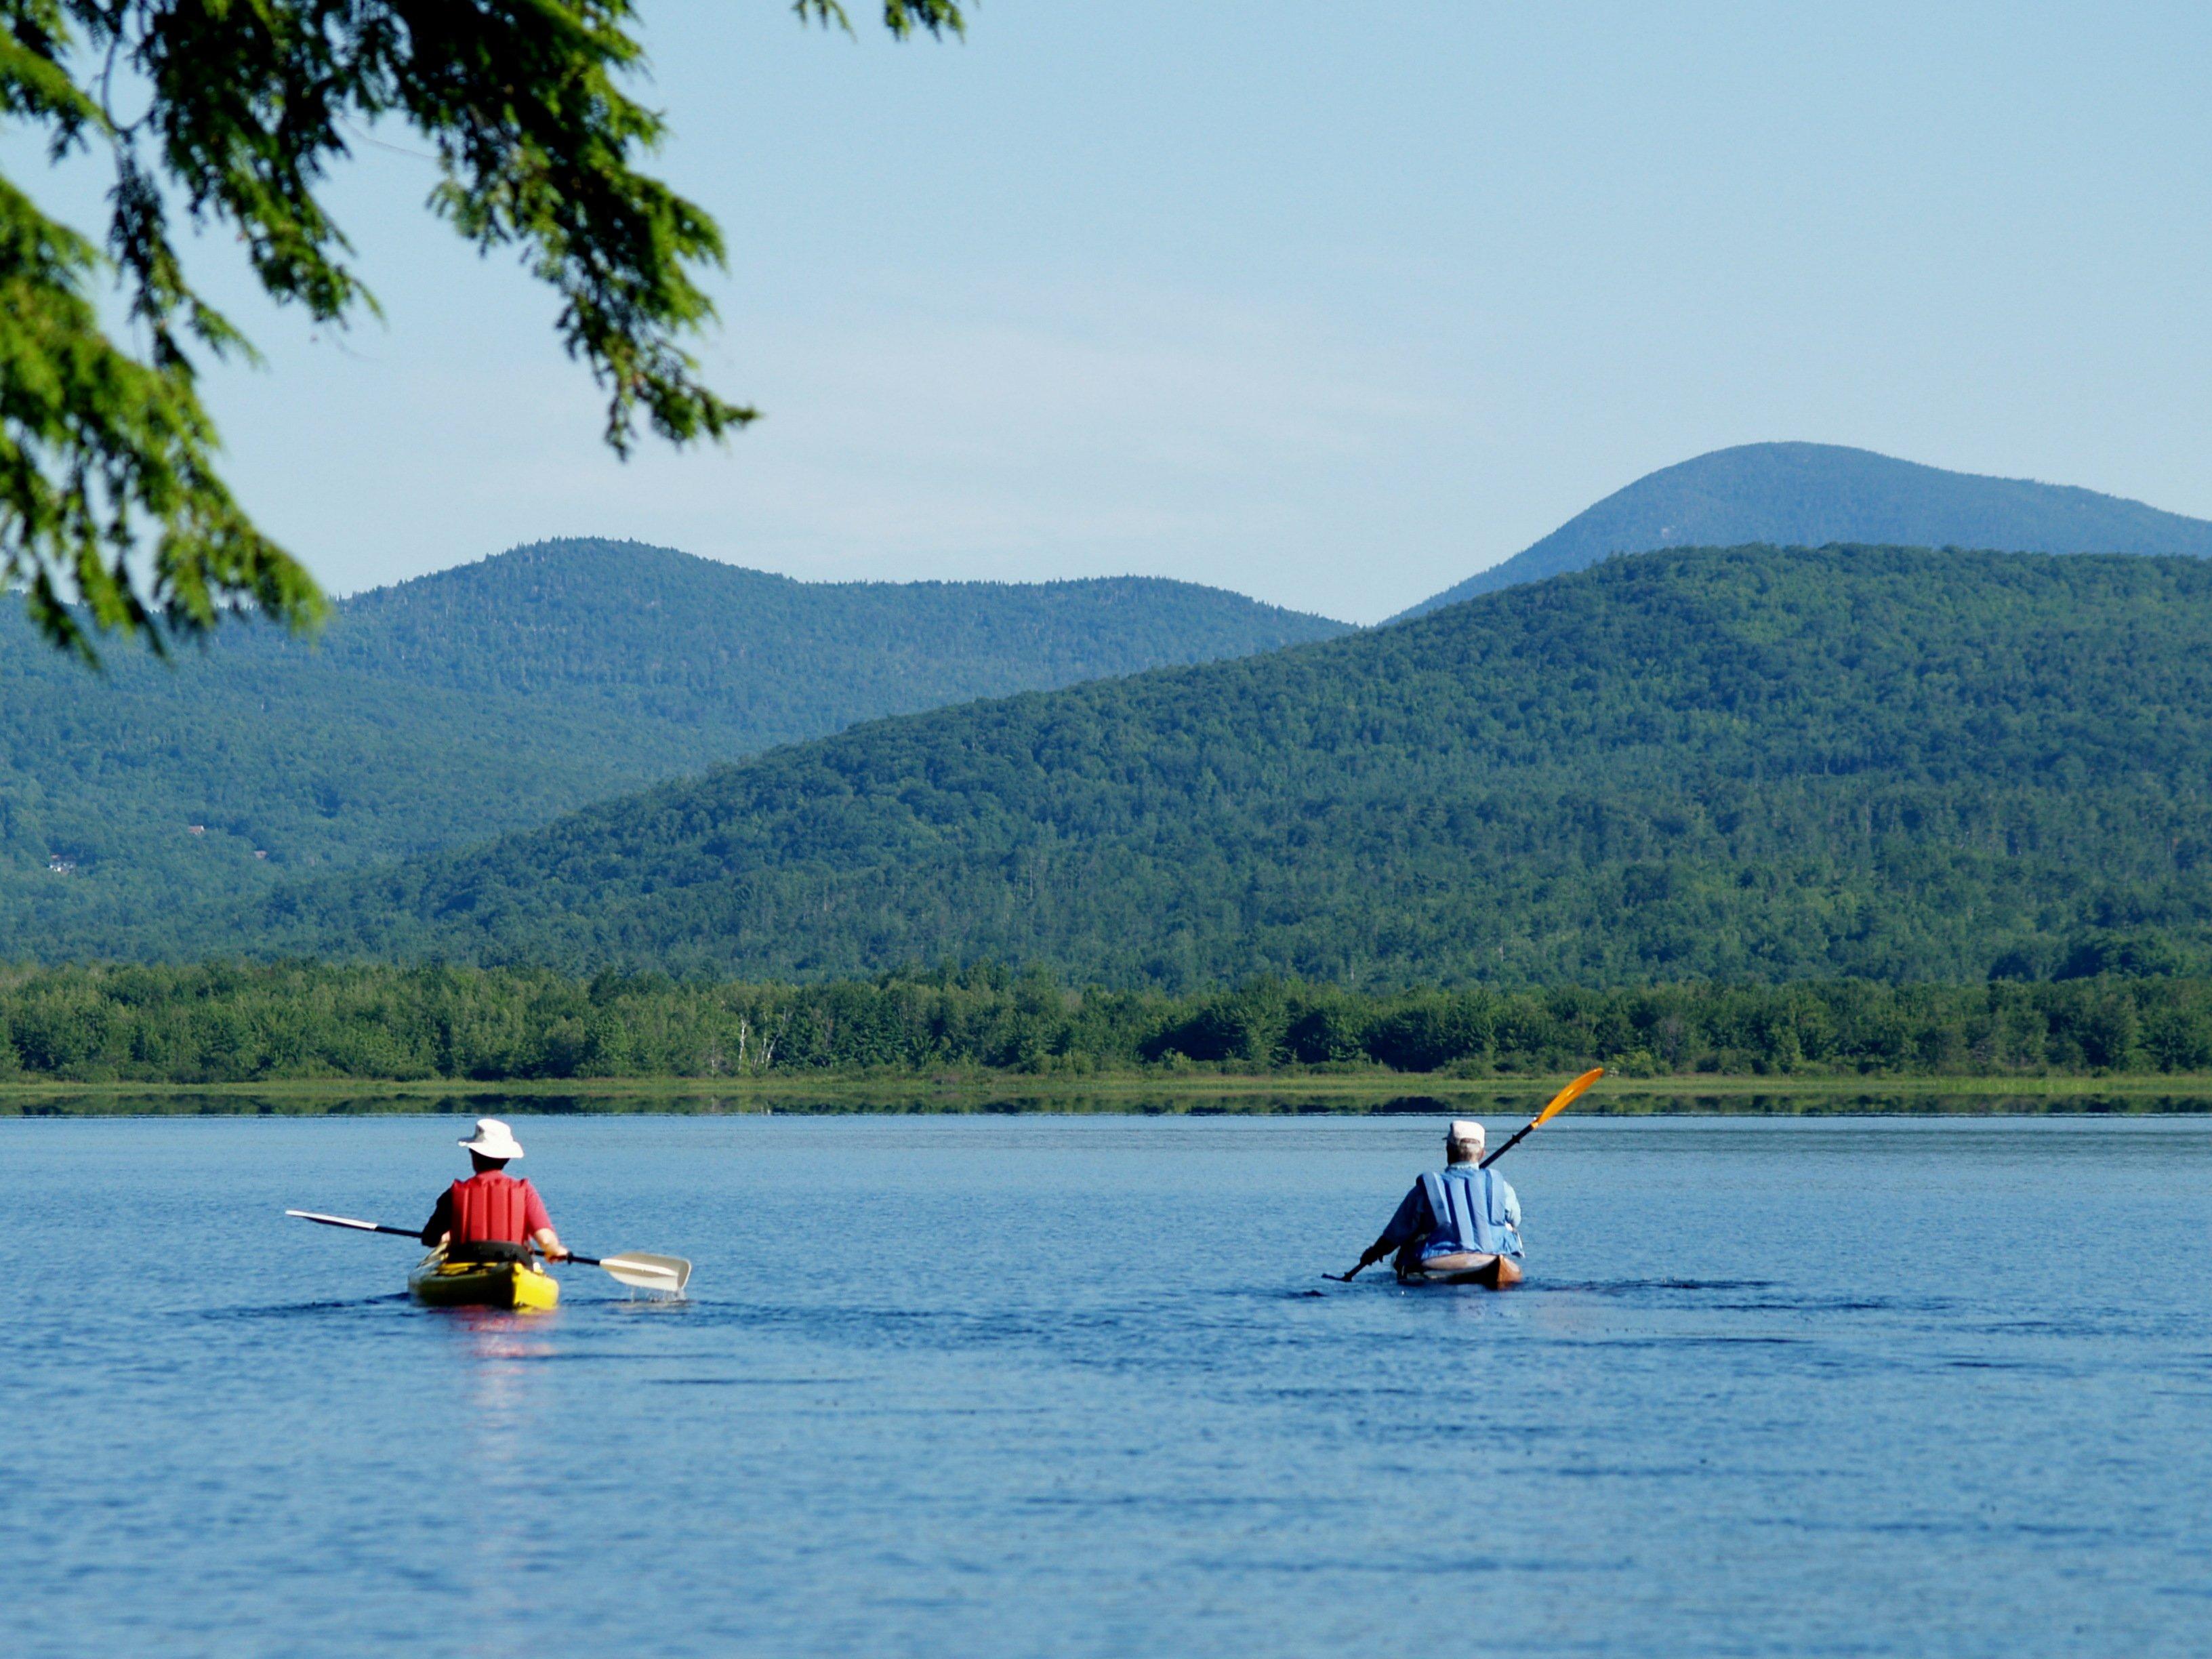 Kayak, canoe, swim and explore Wilson Lake.